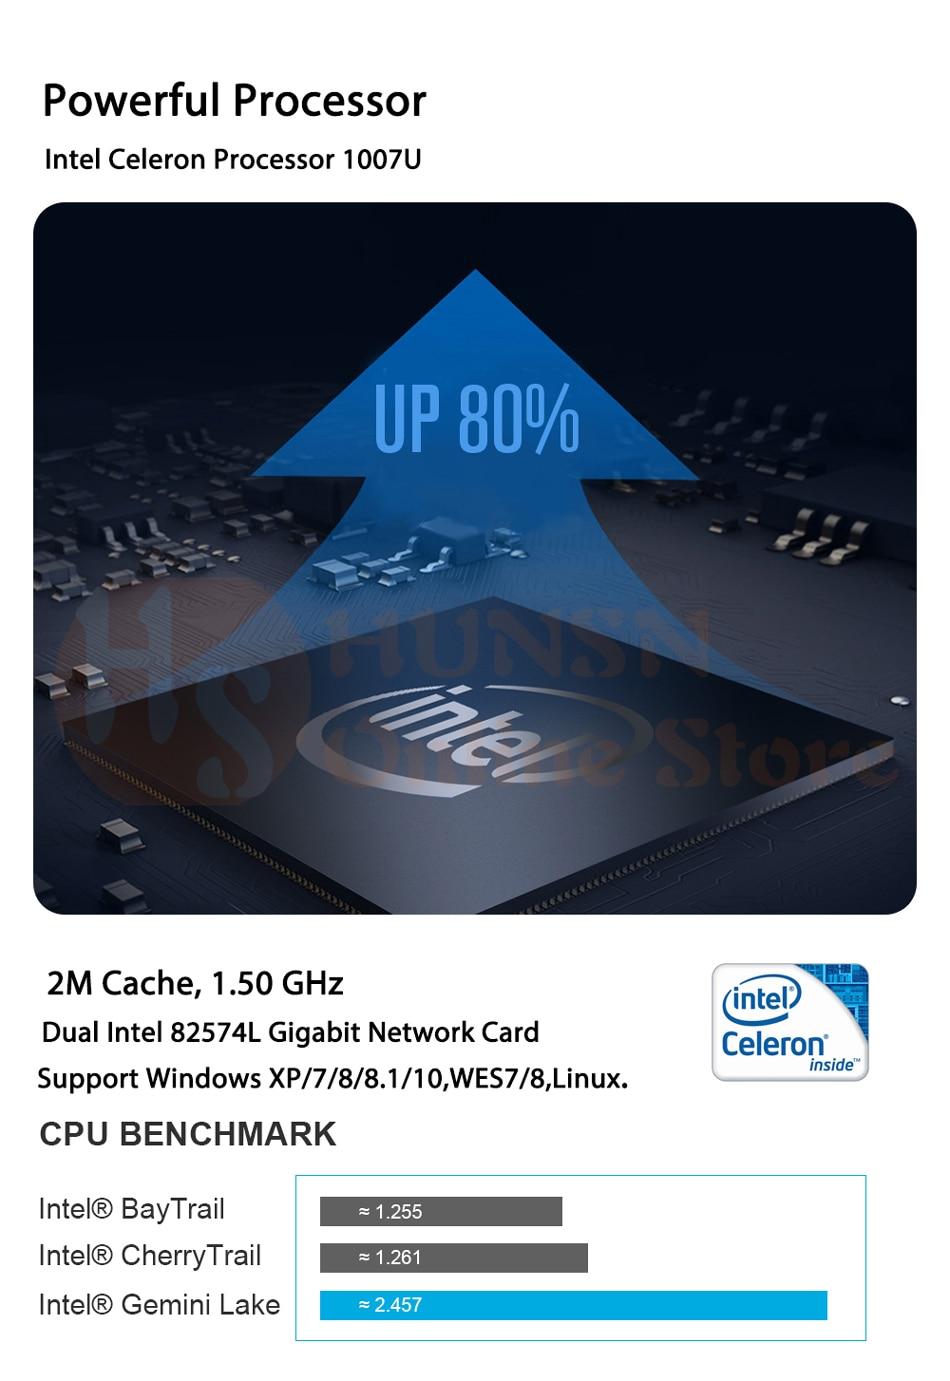 Fanless Industrial PC,Mini Computer,Windows 10 Pro/Linux ,Intel Celeron  1007U,[HUNSN MA03I],(1VGA/1HD/4USB2 0/4USB3 0/2LAN)